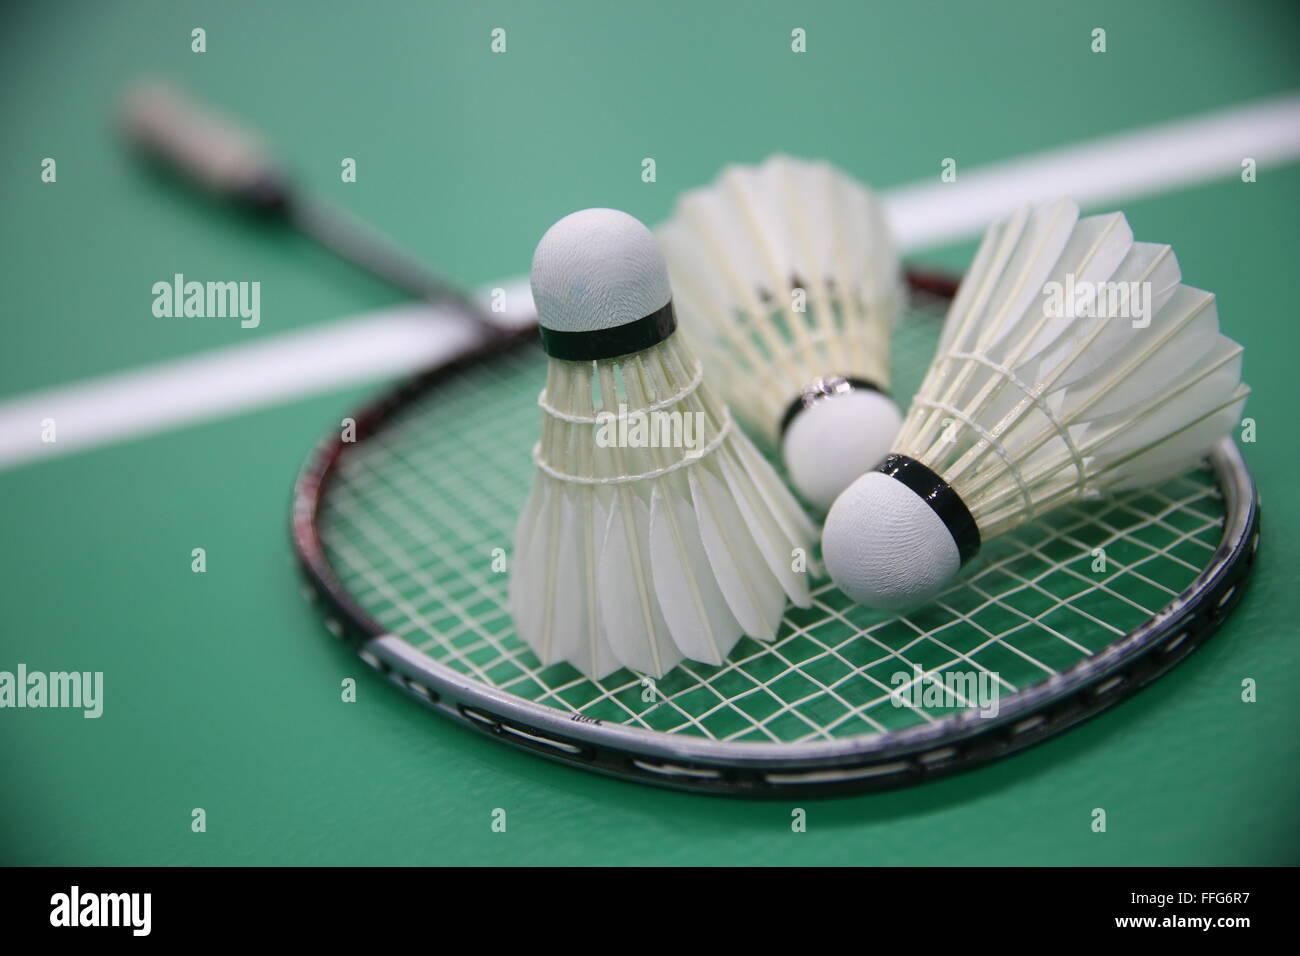 Kazan, Russie. Feb 13, 2016. Une compétition de badminton qui a eu lieu dans le cadre de l'ouverture de Photo Stock